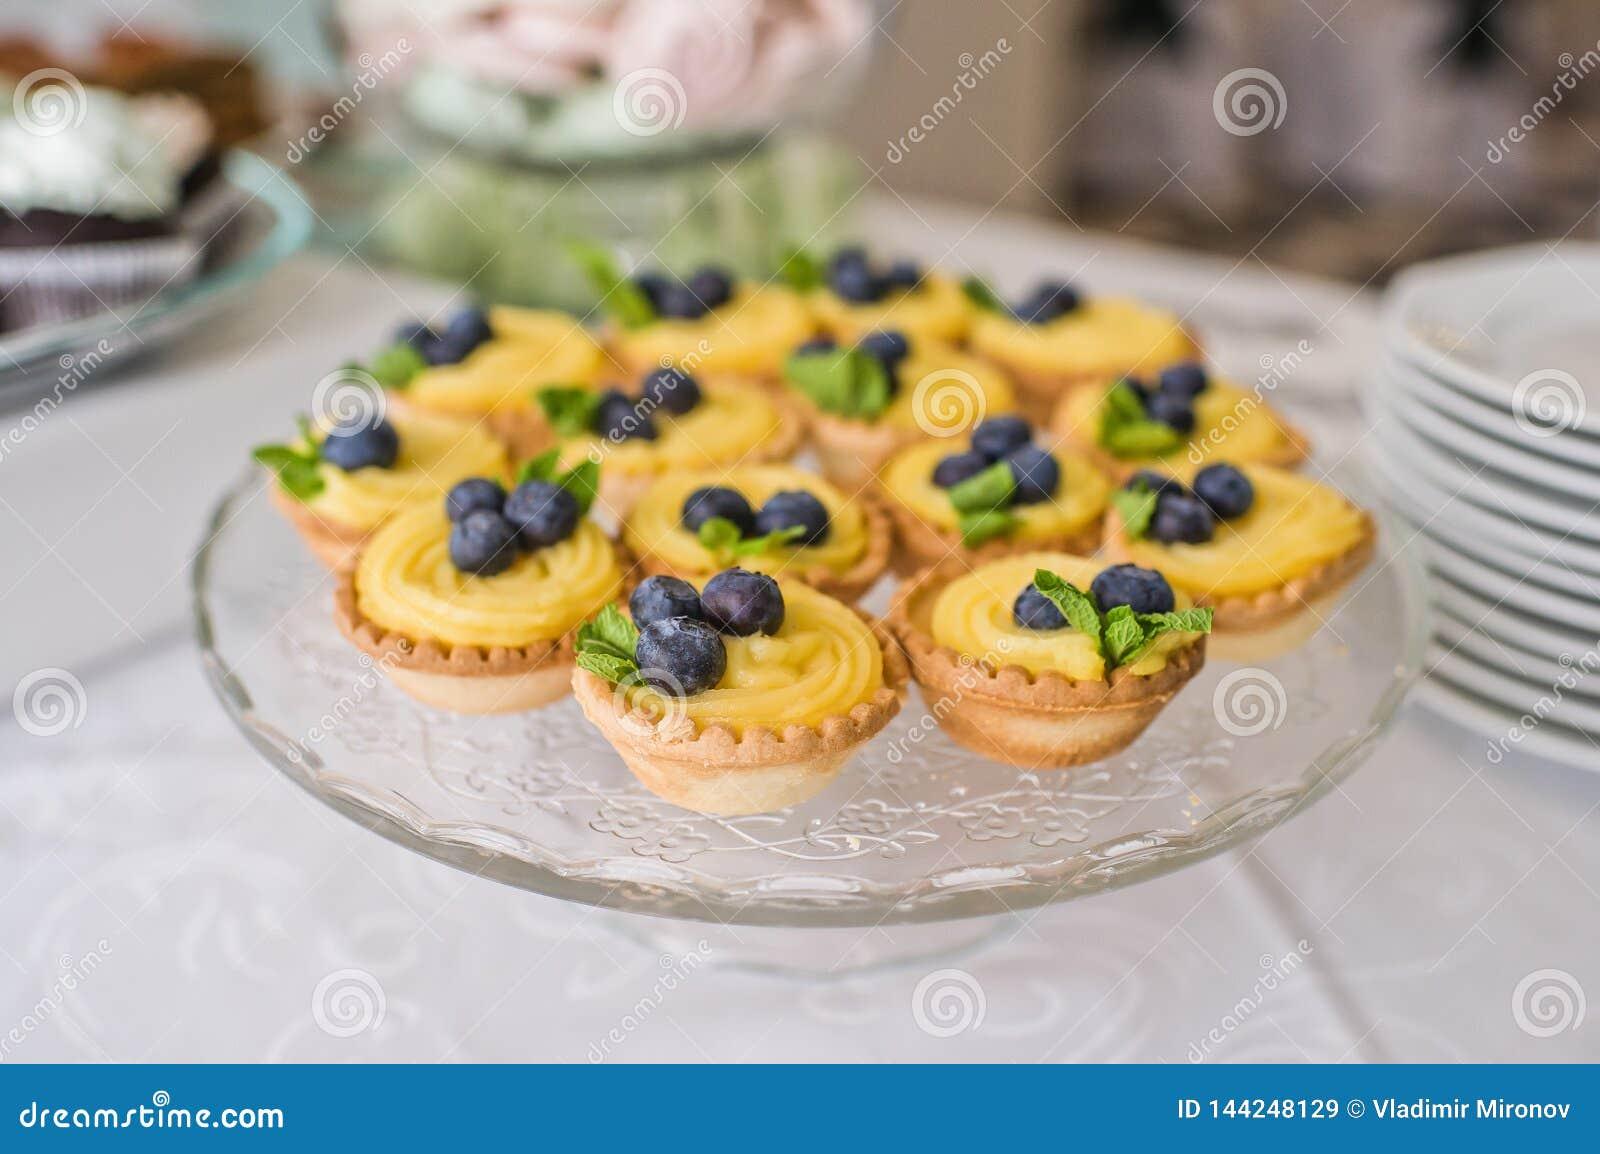 Geschmackvolle Tartlets mit Schlagsahne und Blaubeeren auf Tabelle im Restaurant